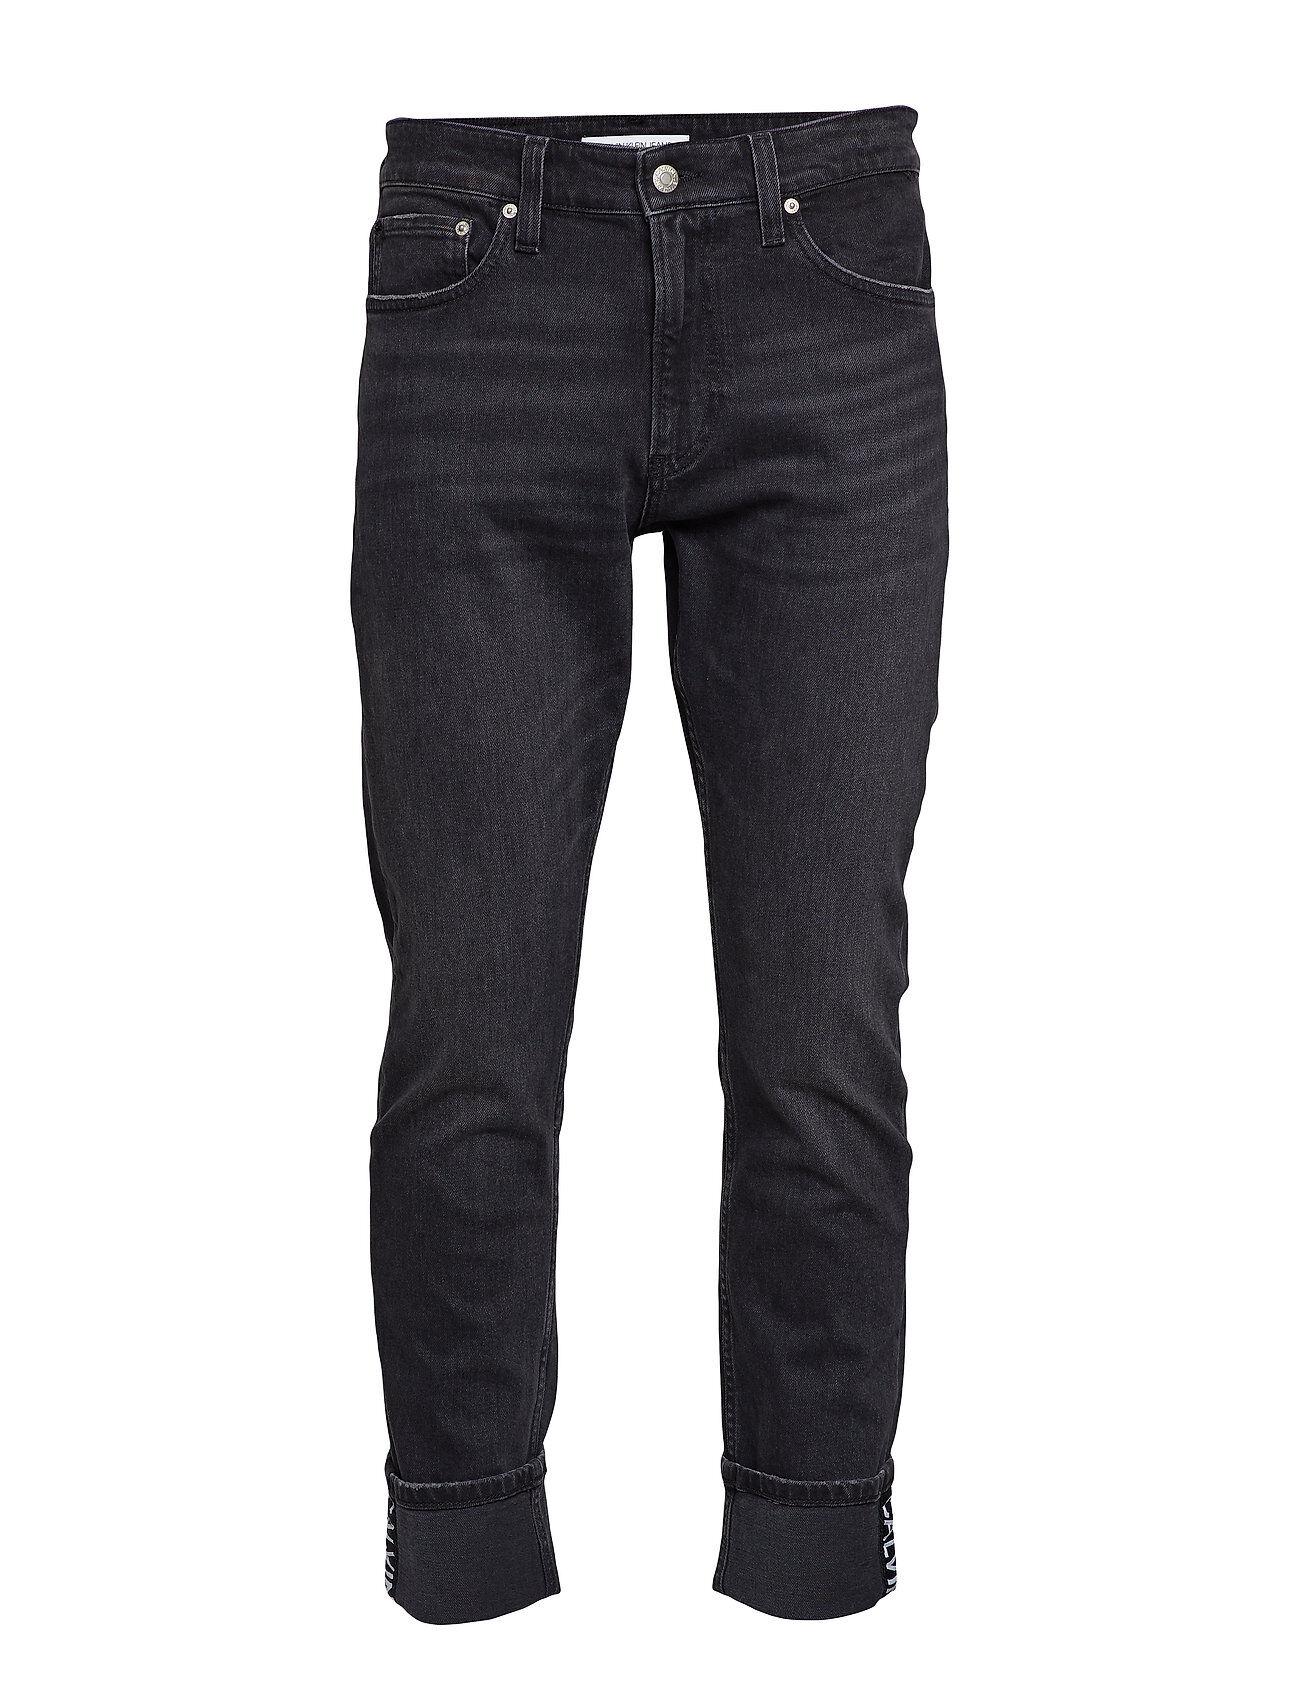 Image of Calvin Ckj 026 Slim Tiukat Farkut Musta Calvin Klein Jeans